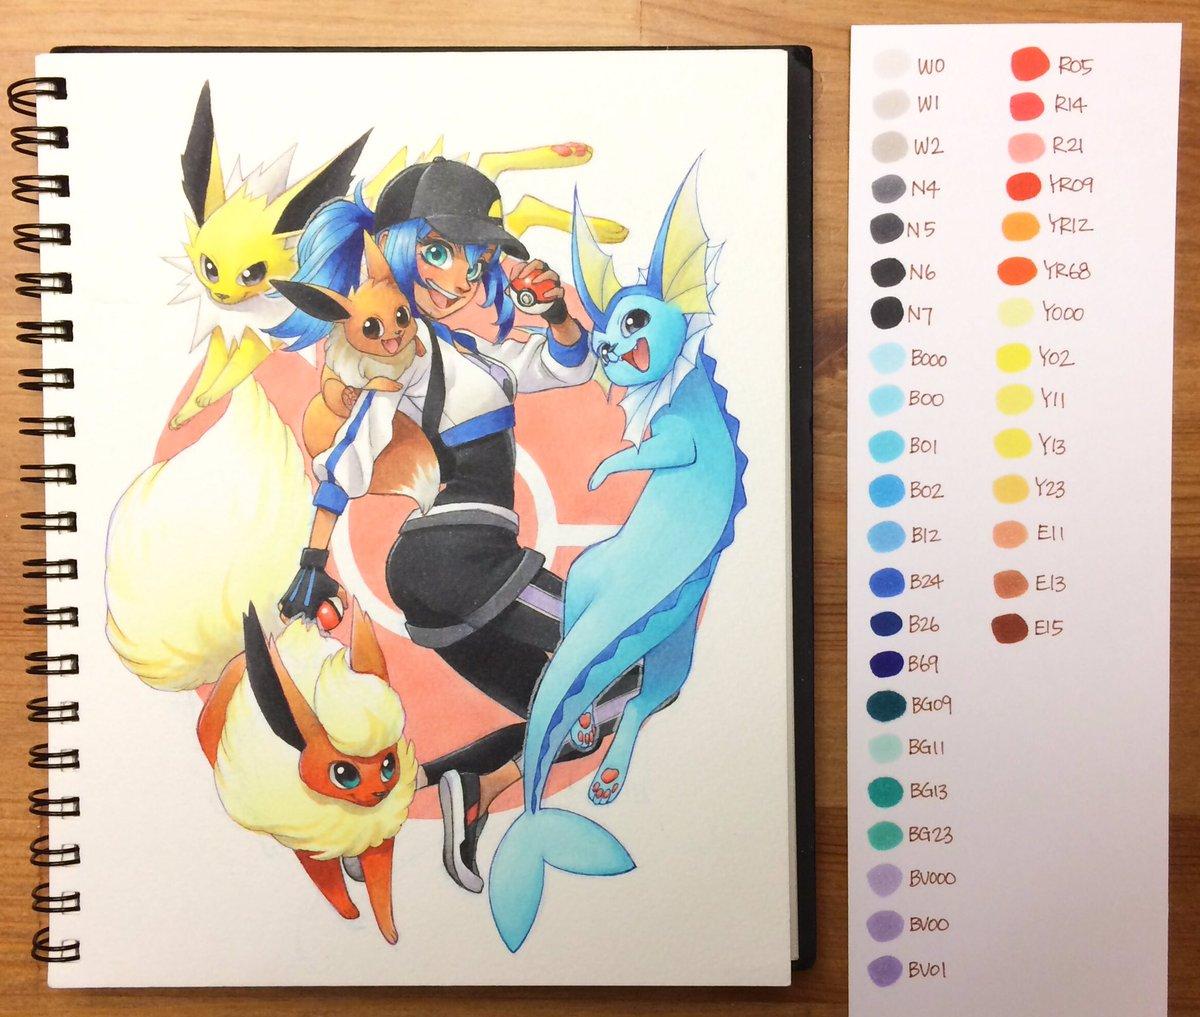 """chihiro howe on twitter: """"pokemon :) #コピック #ポケモン #ポケモン"""